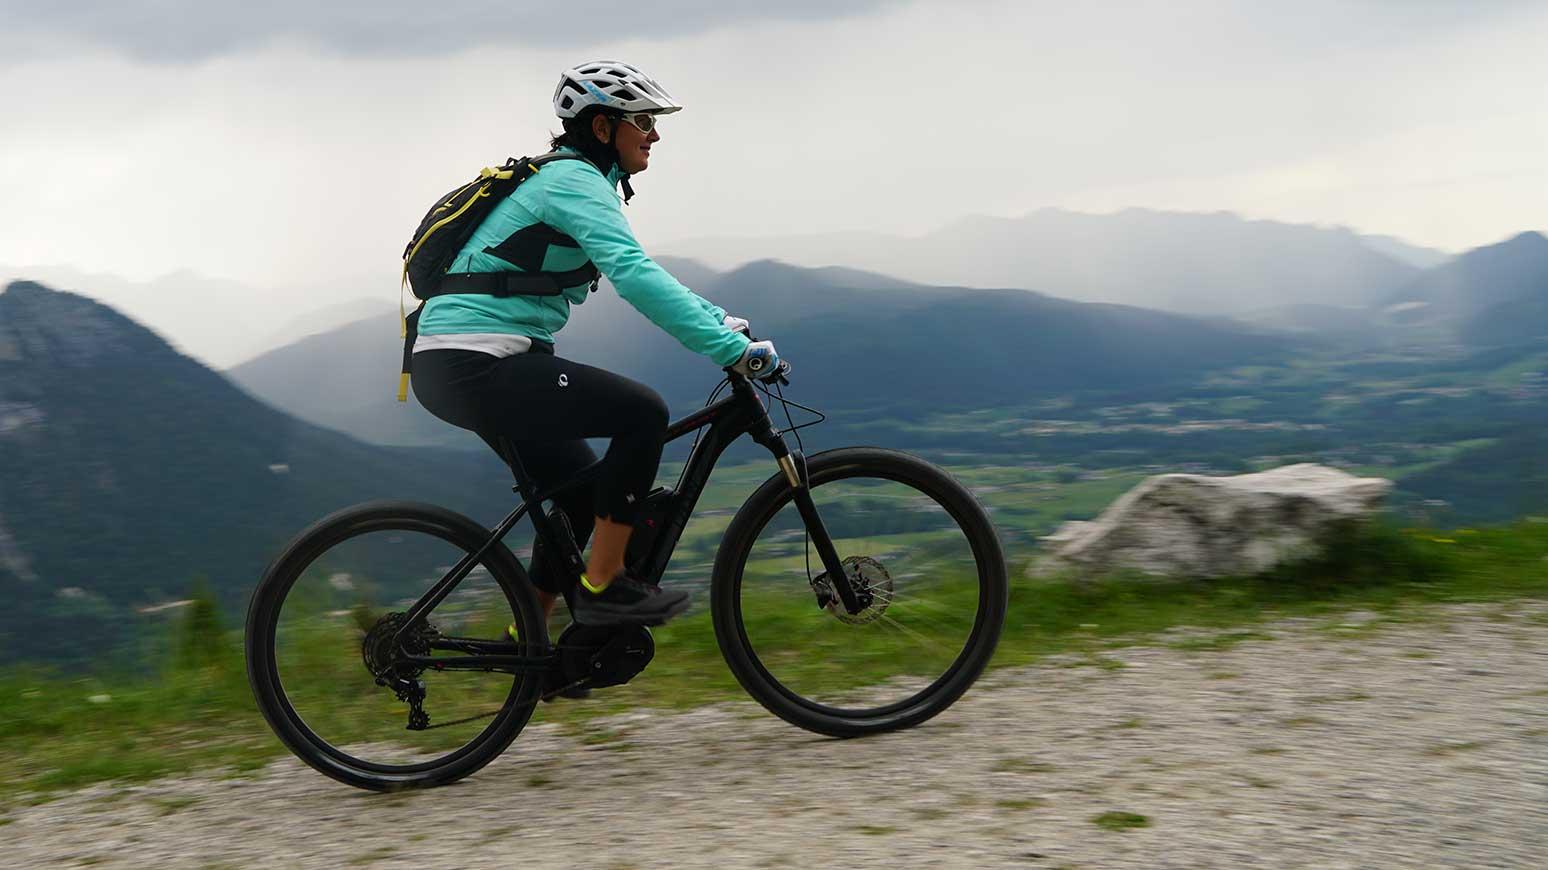 E-Bike Berchtesgaden: Unterwegs mit dem Radon Team (Bosch CX Motor, 500 Wh Akku, Shimano Scheibenbremsen), das 1999 Euro kostet.